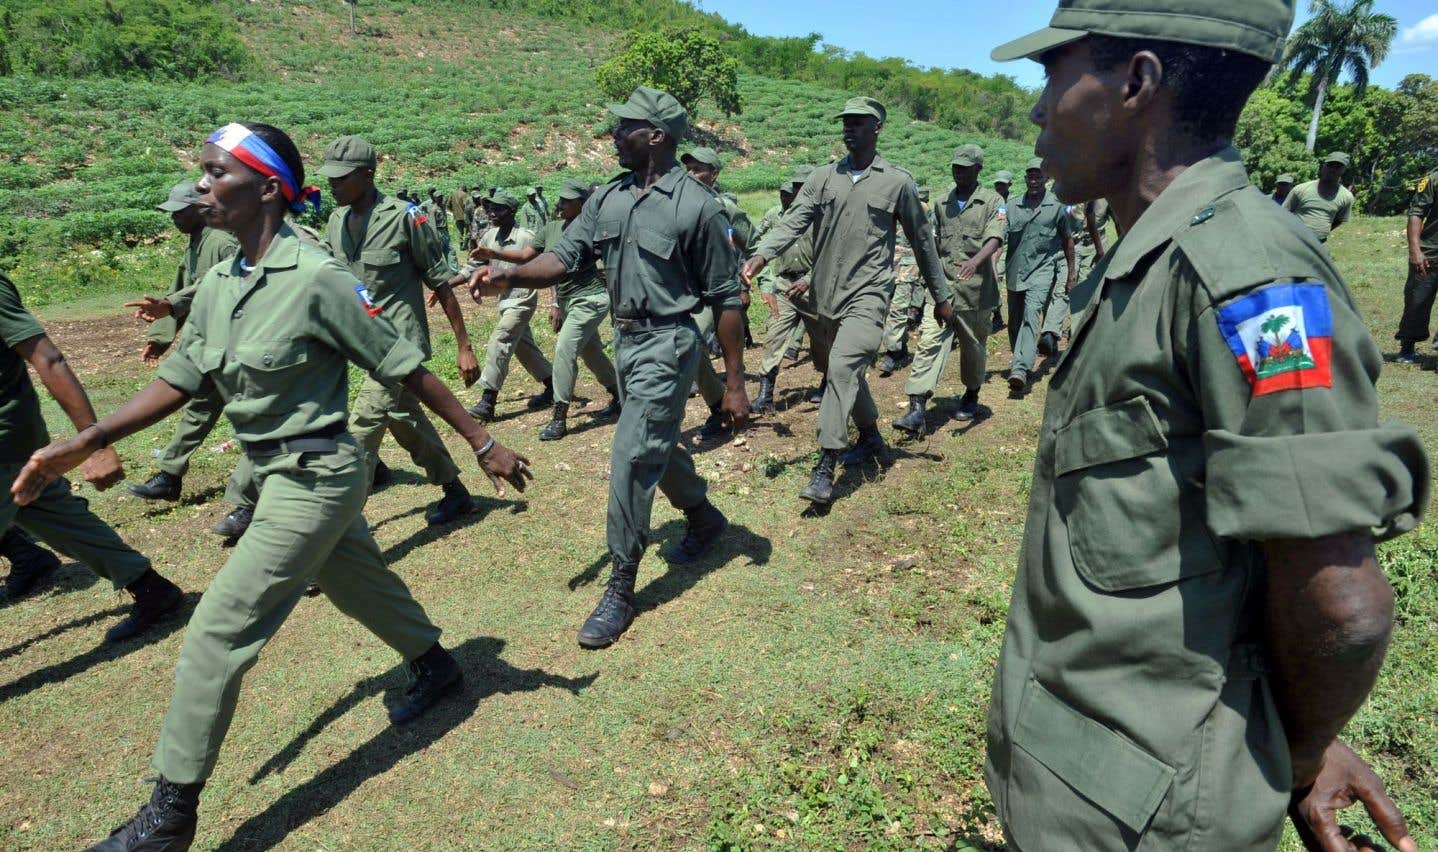 La reformation de l'armée en Haïti suscite des inquiétudes